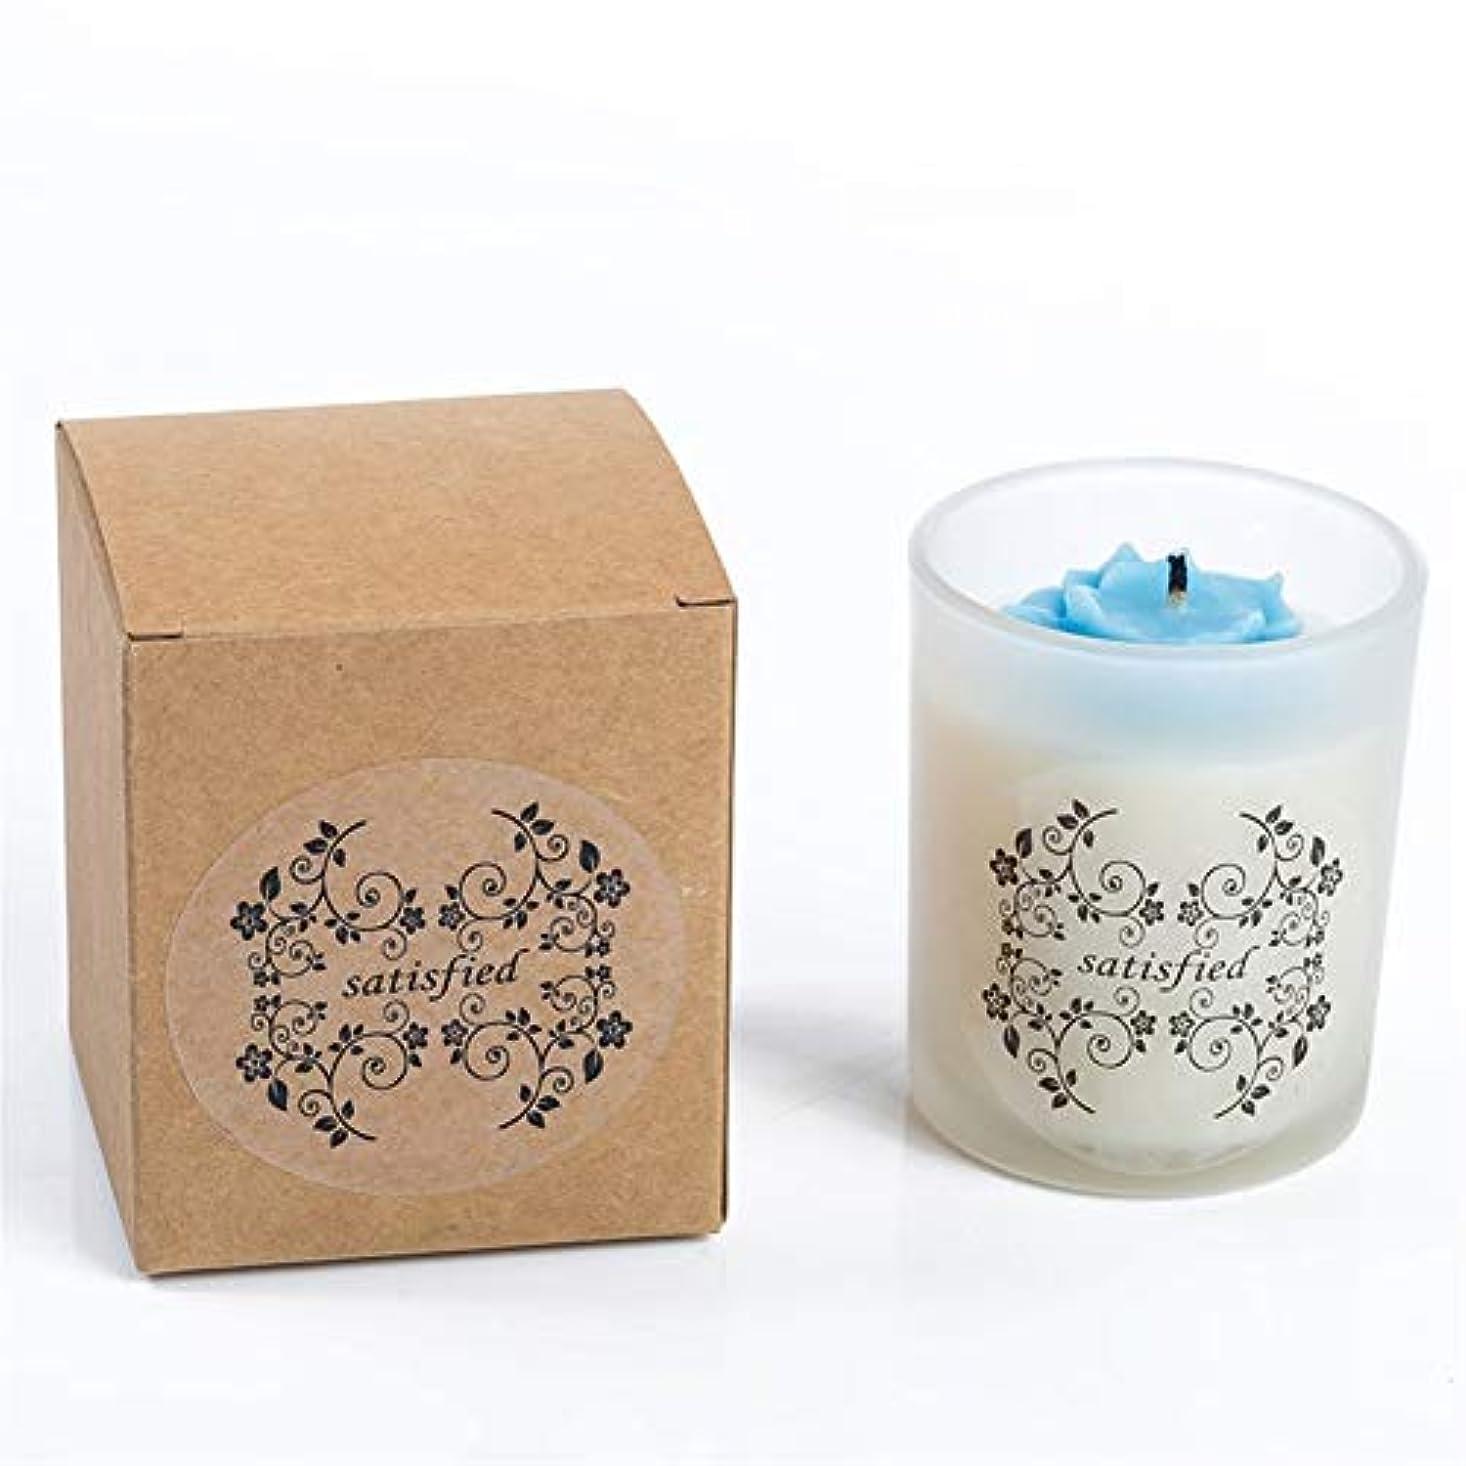 魔術思われるおめでとうACAO 小さなバラの香りのキャンドルつや消しガラス無煙大豆キャンドル (色 : Night scent)